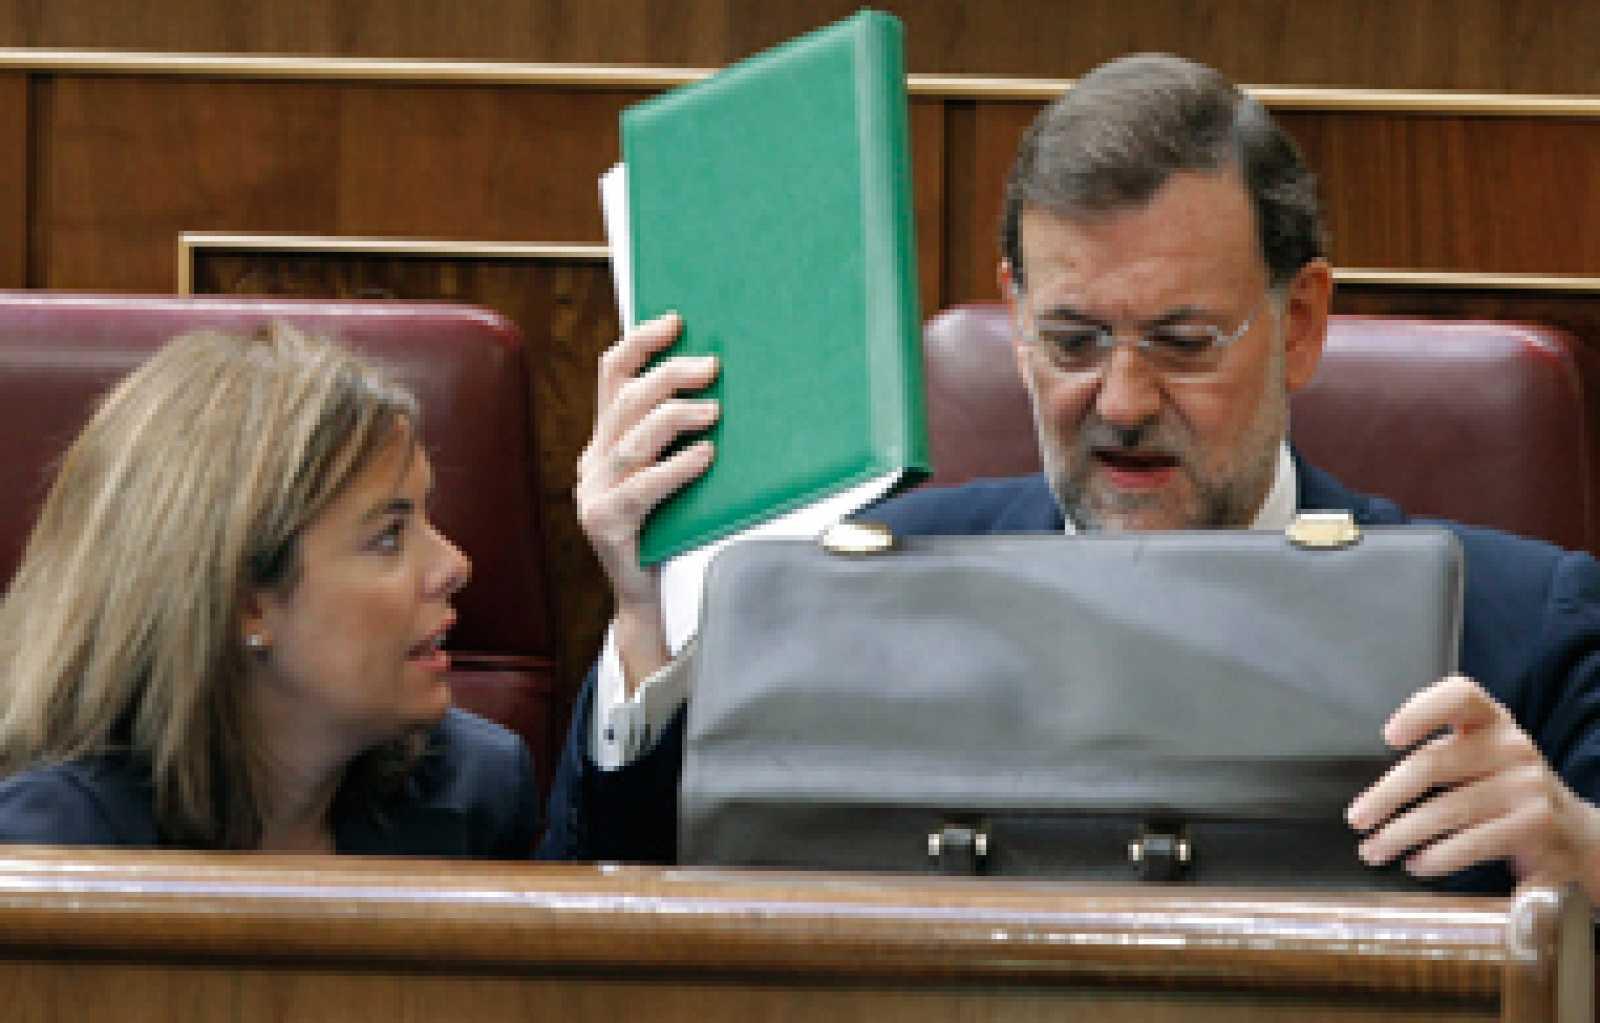 """El líder del PP, Mariano Rajoy, ha criticado el """"falso diagnóstico"""" que el presidente del Gobierno hace la crisis económica y asegura que """"no hay manera de tapar el agujero de las cuentas públicas creado por el Gobierno""""."""